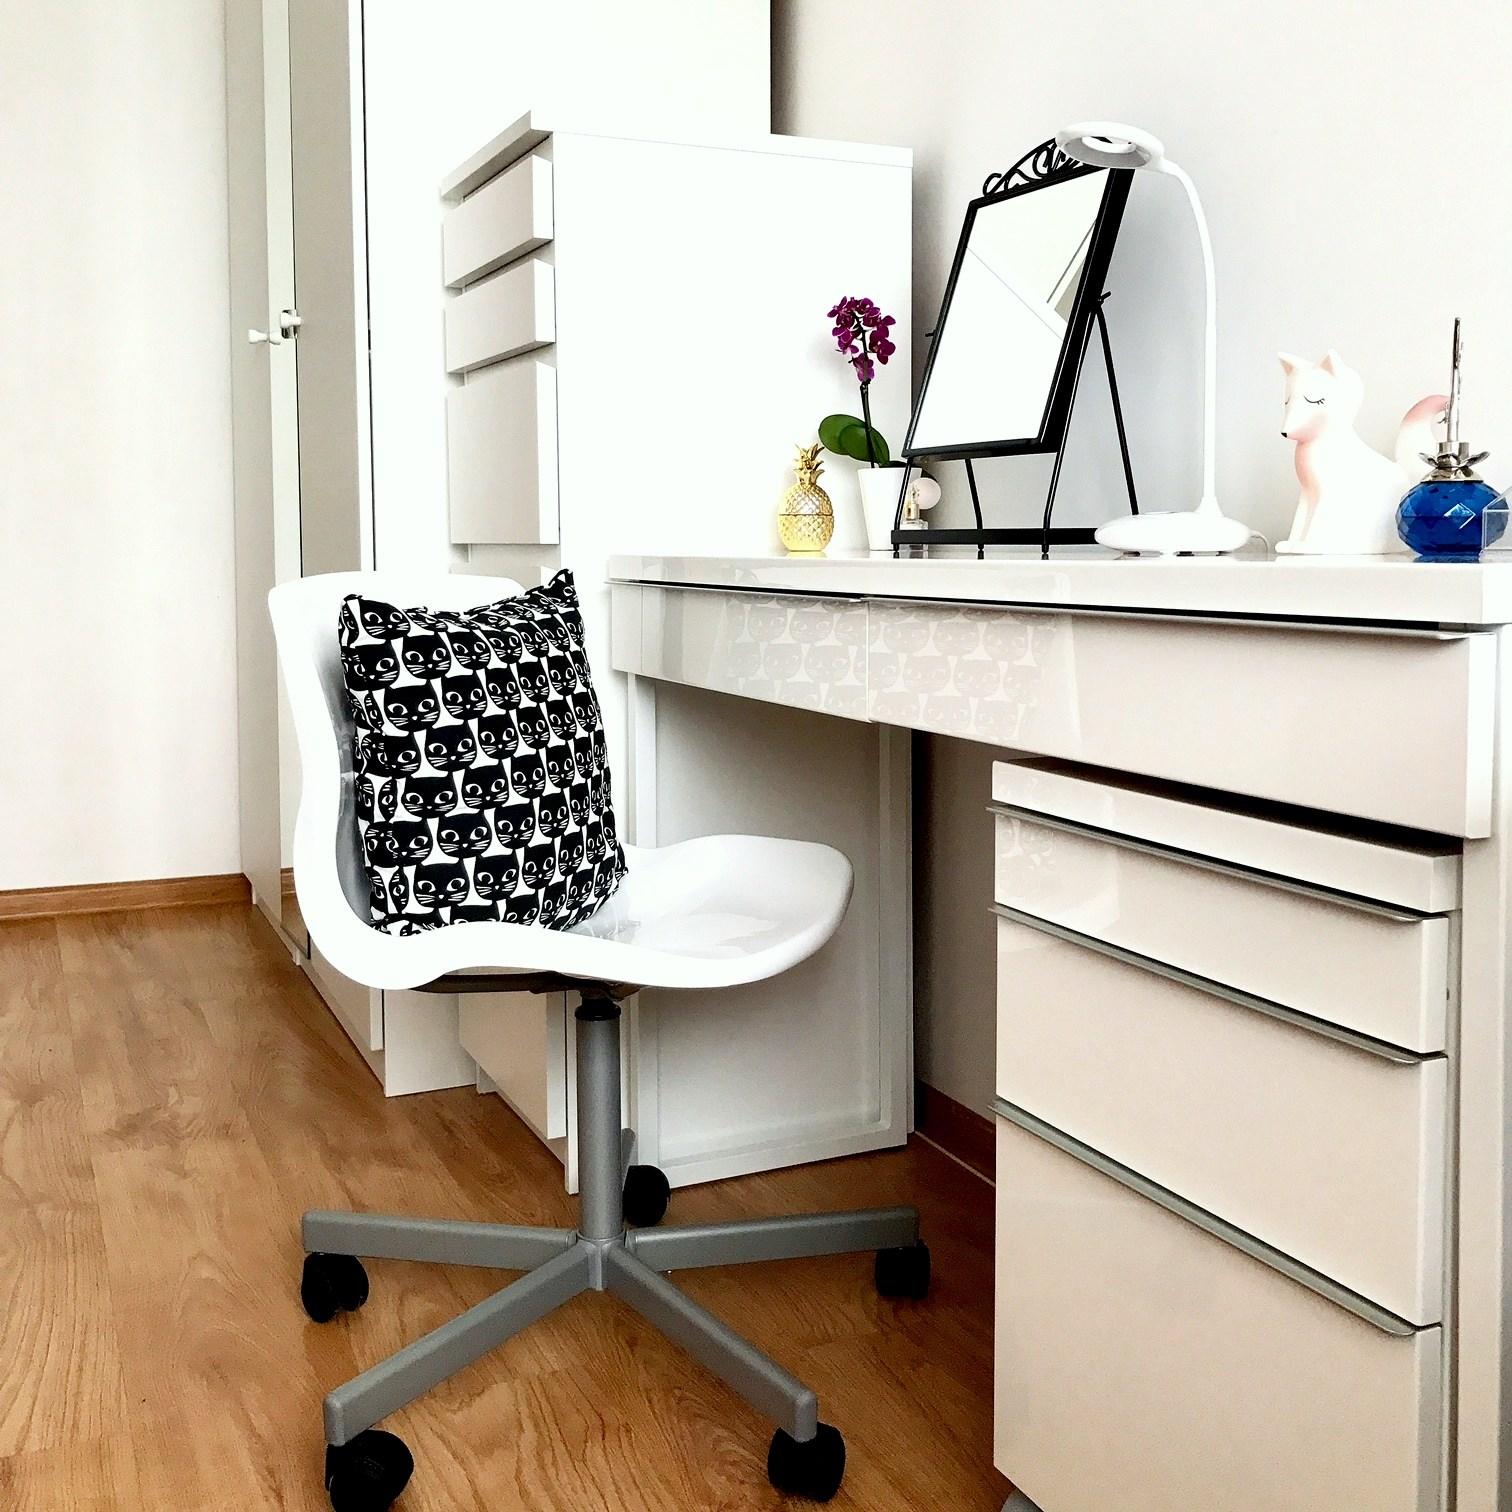 zdjęcie przedstawiające toaletkę z Ikei